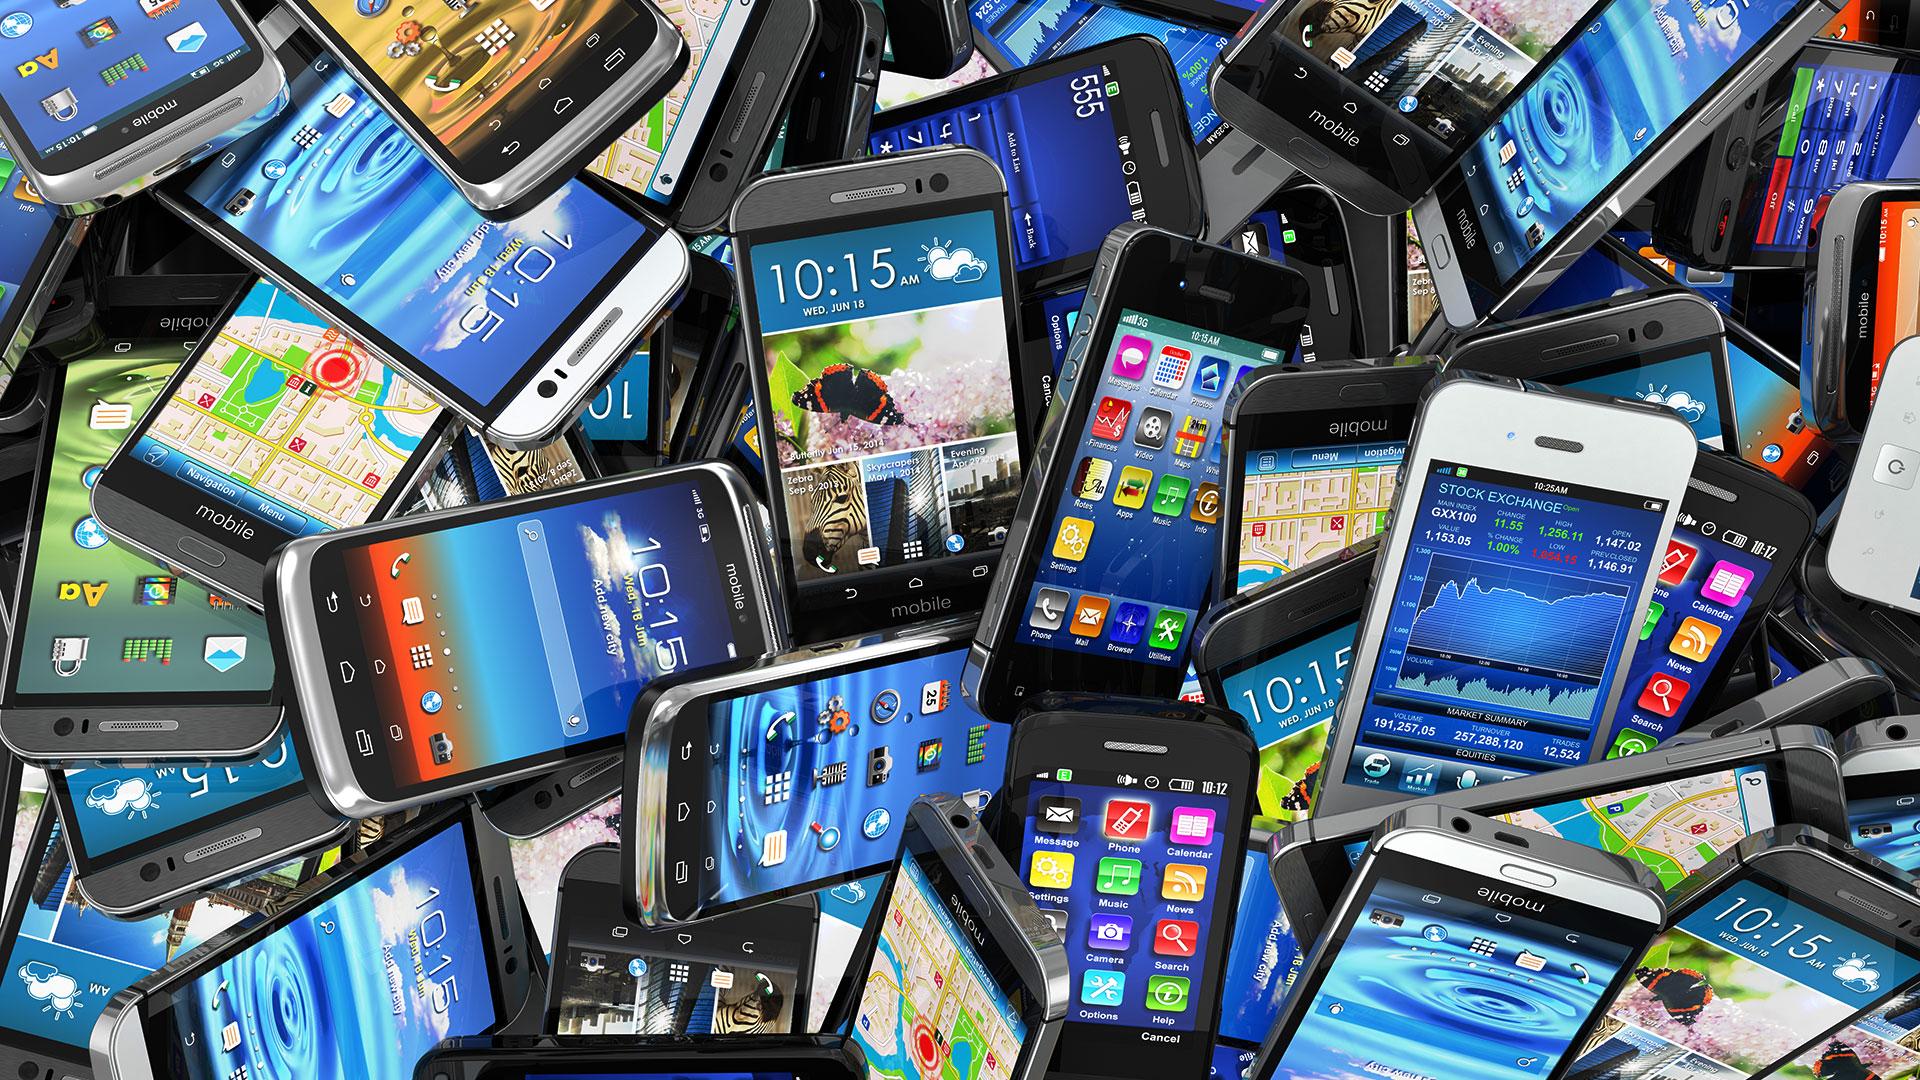 telefoane cu android Esti curios sa afli cate modele diferite de telefoane au fost lansate in 2015?